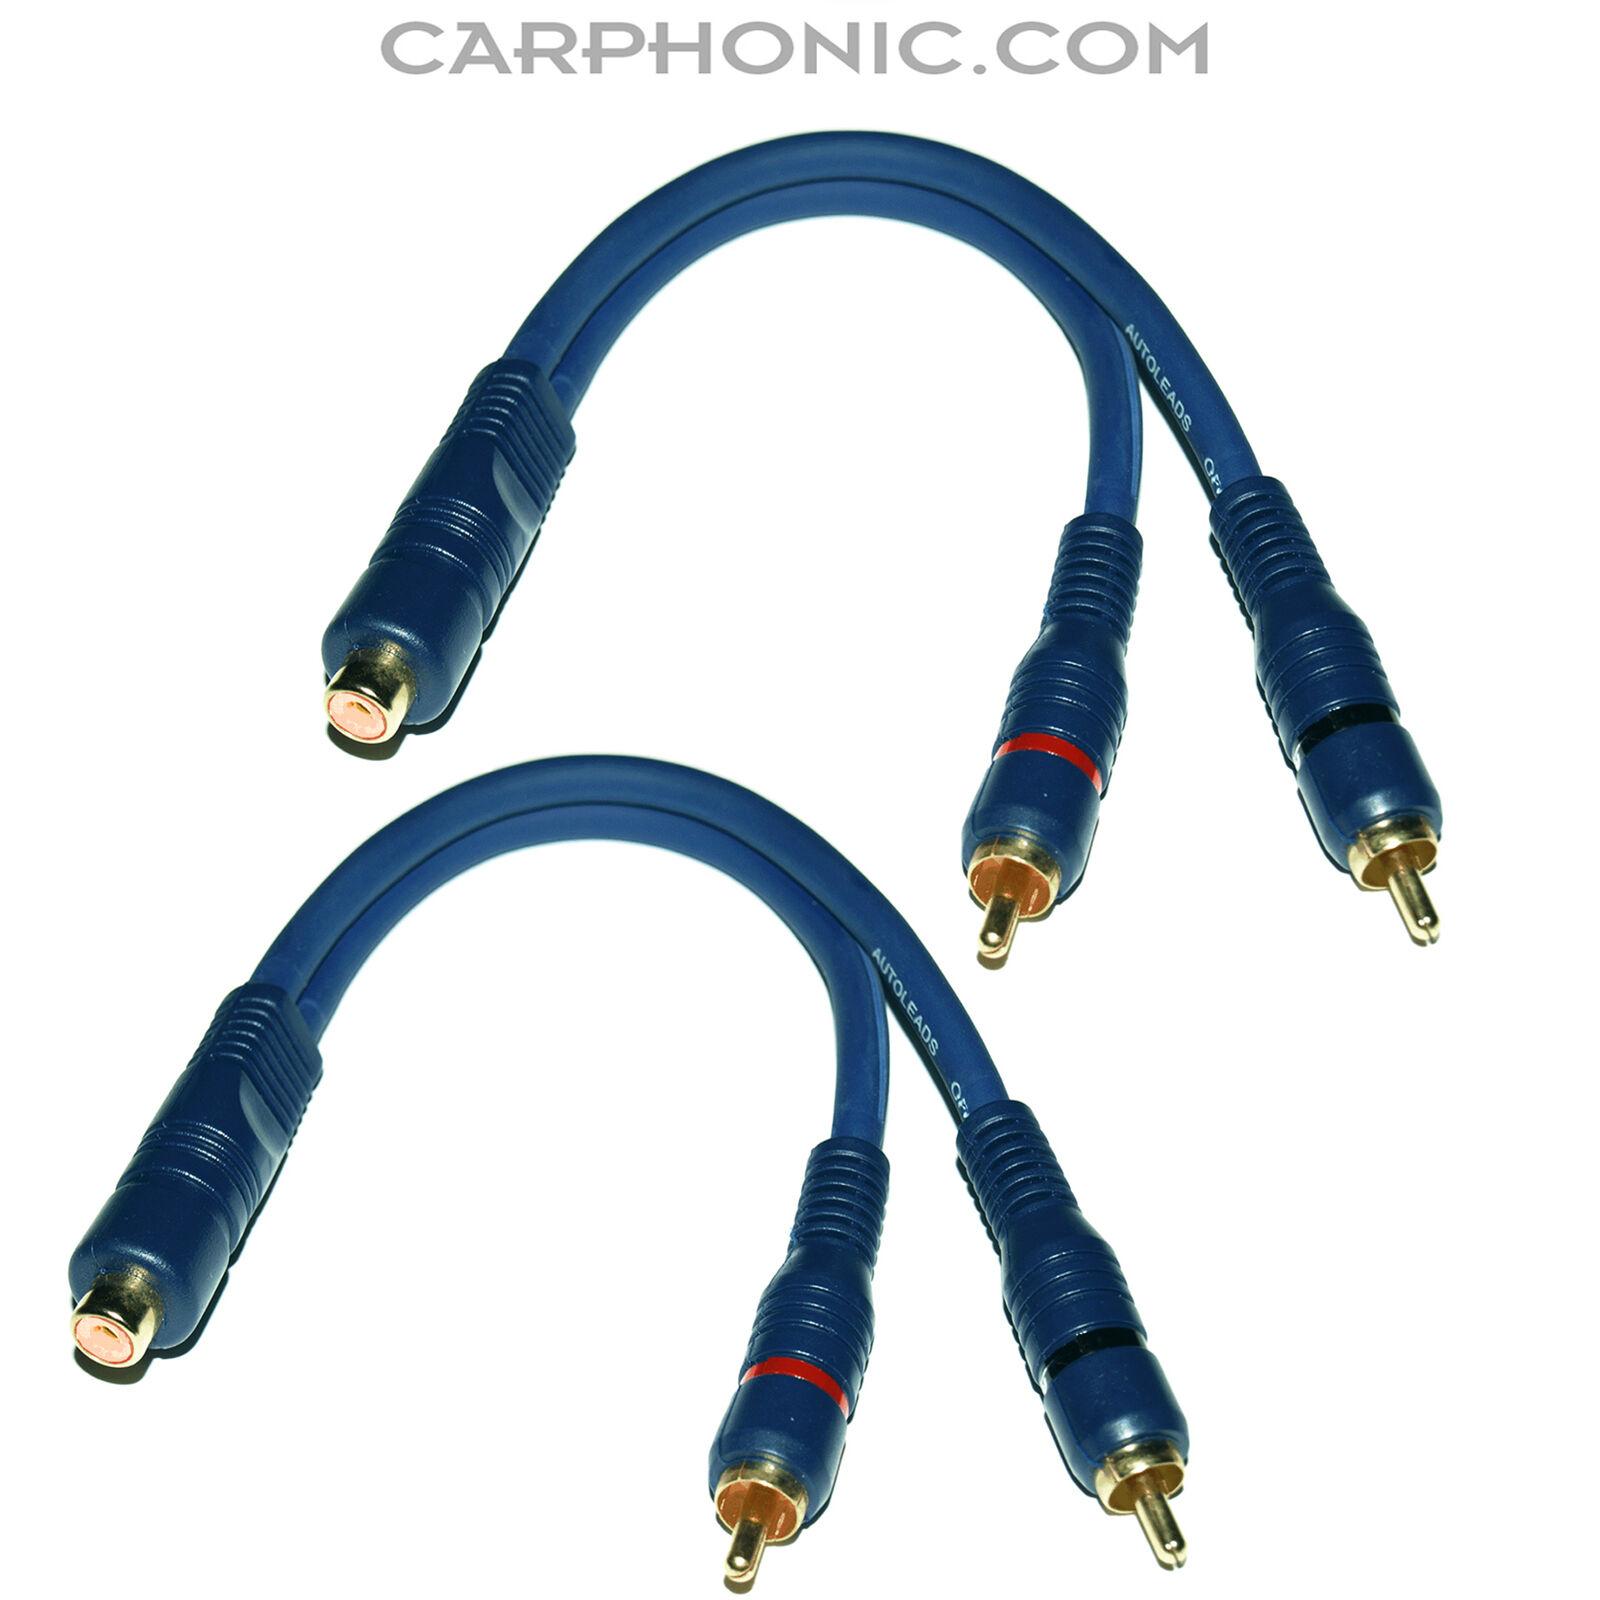 2 Stecker 2 Stück Set Kabel für Verstärker Y-Adapter Cinch Kupplung